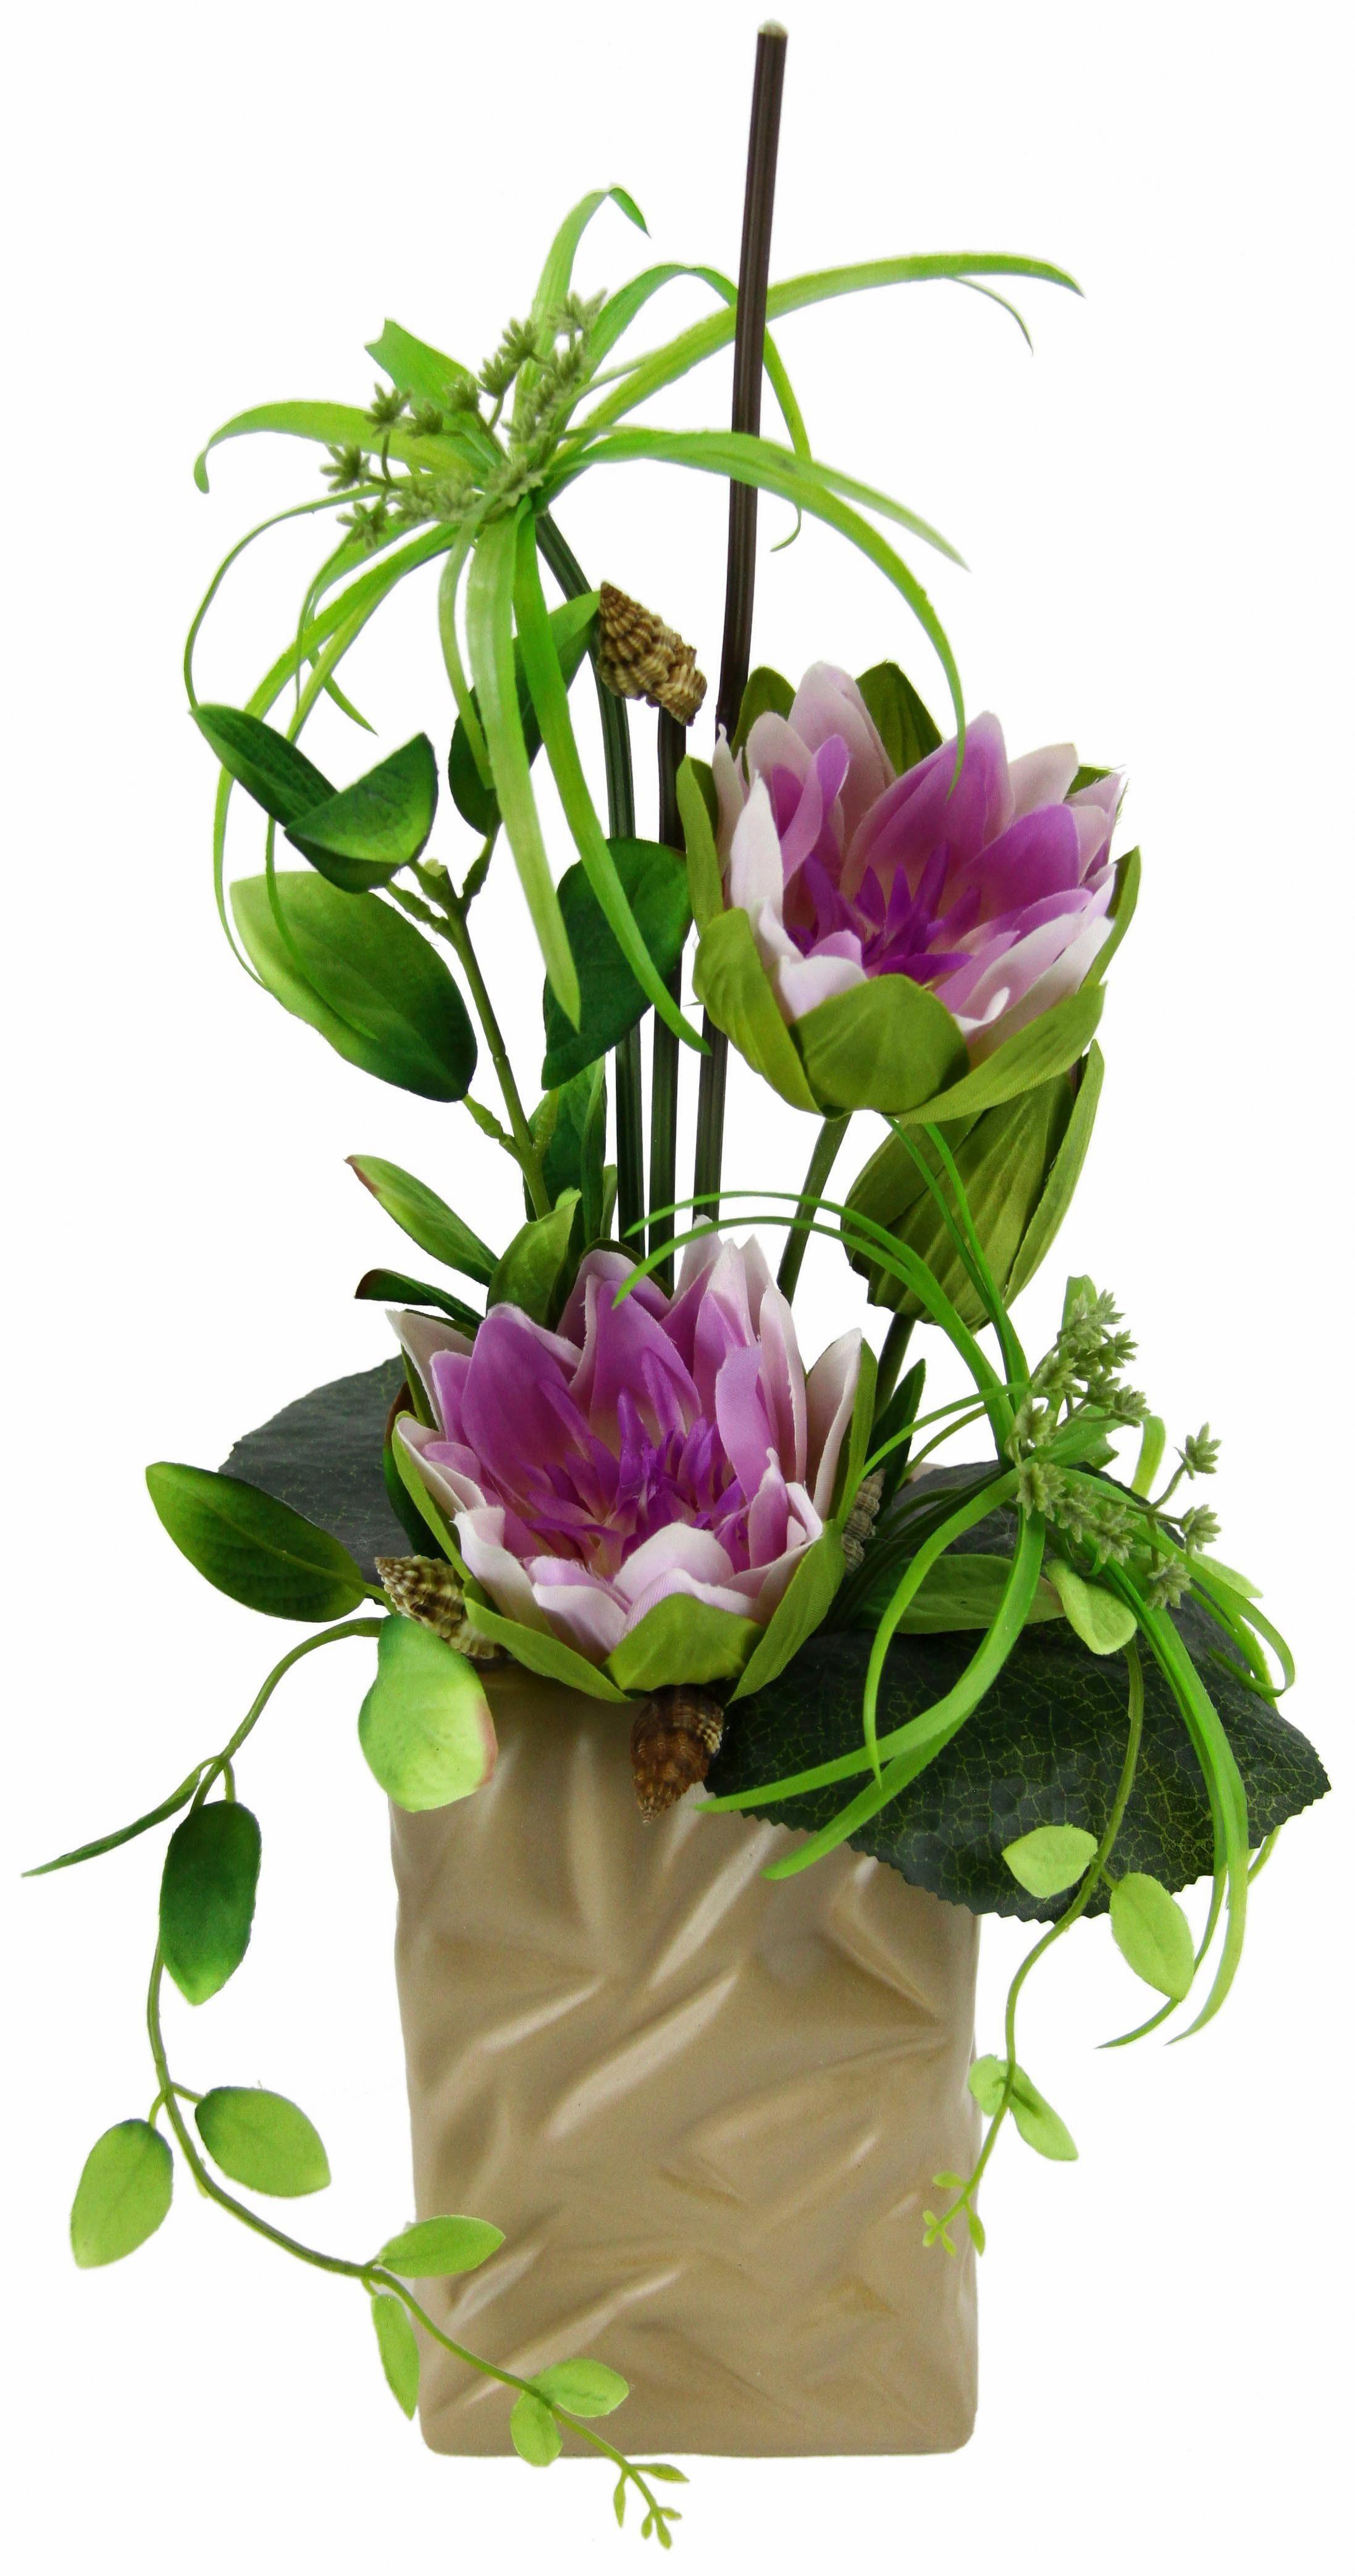 Home affaire Kunstblume »Seerose« im Topf